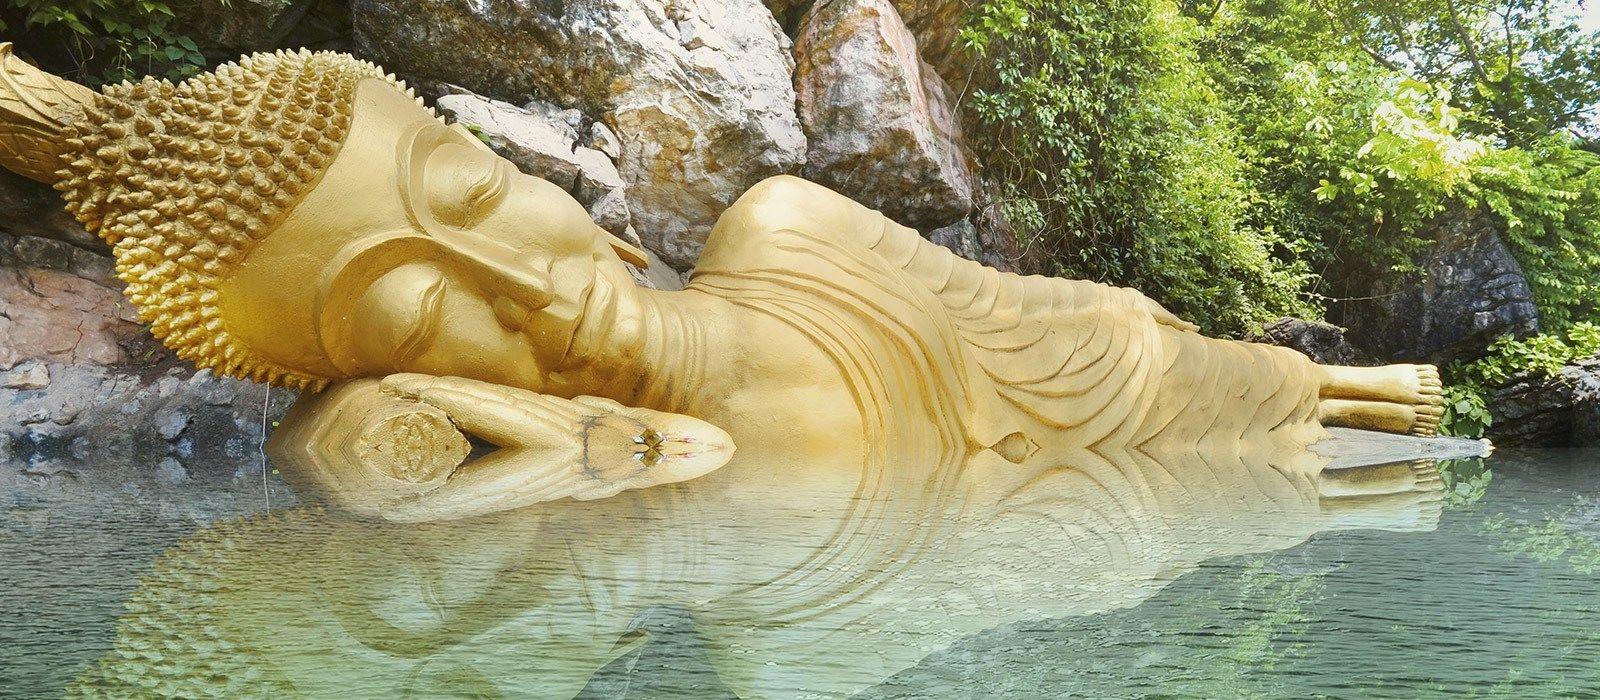 Laos Reise zu Lande und zu Wasser Urlaub 5